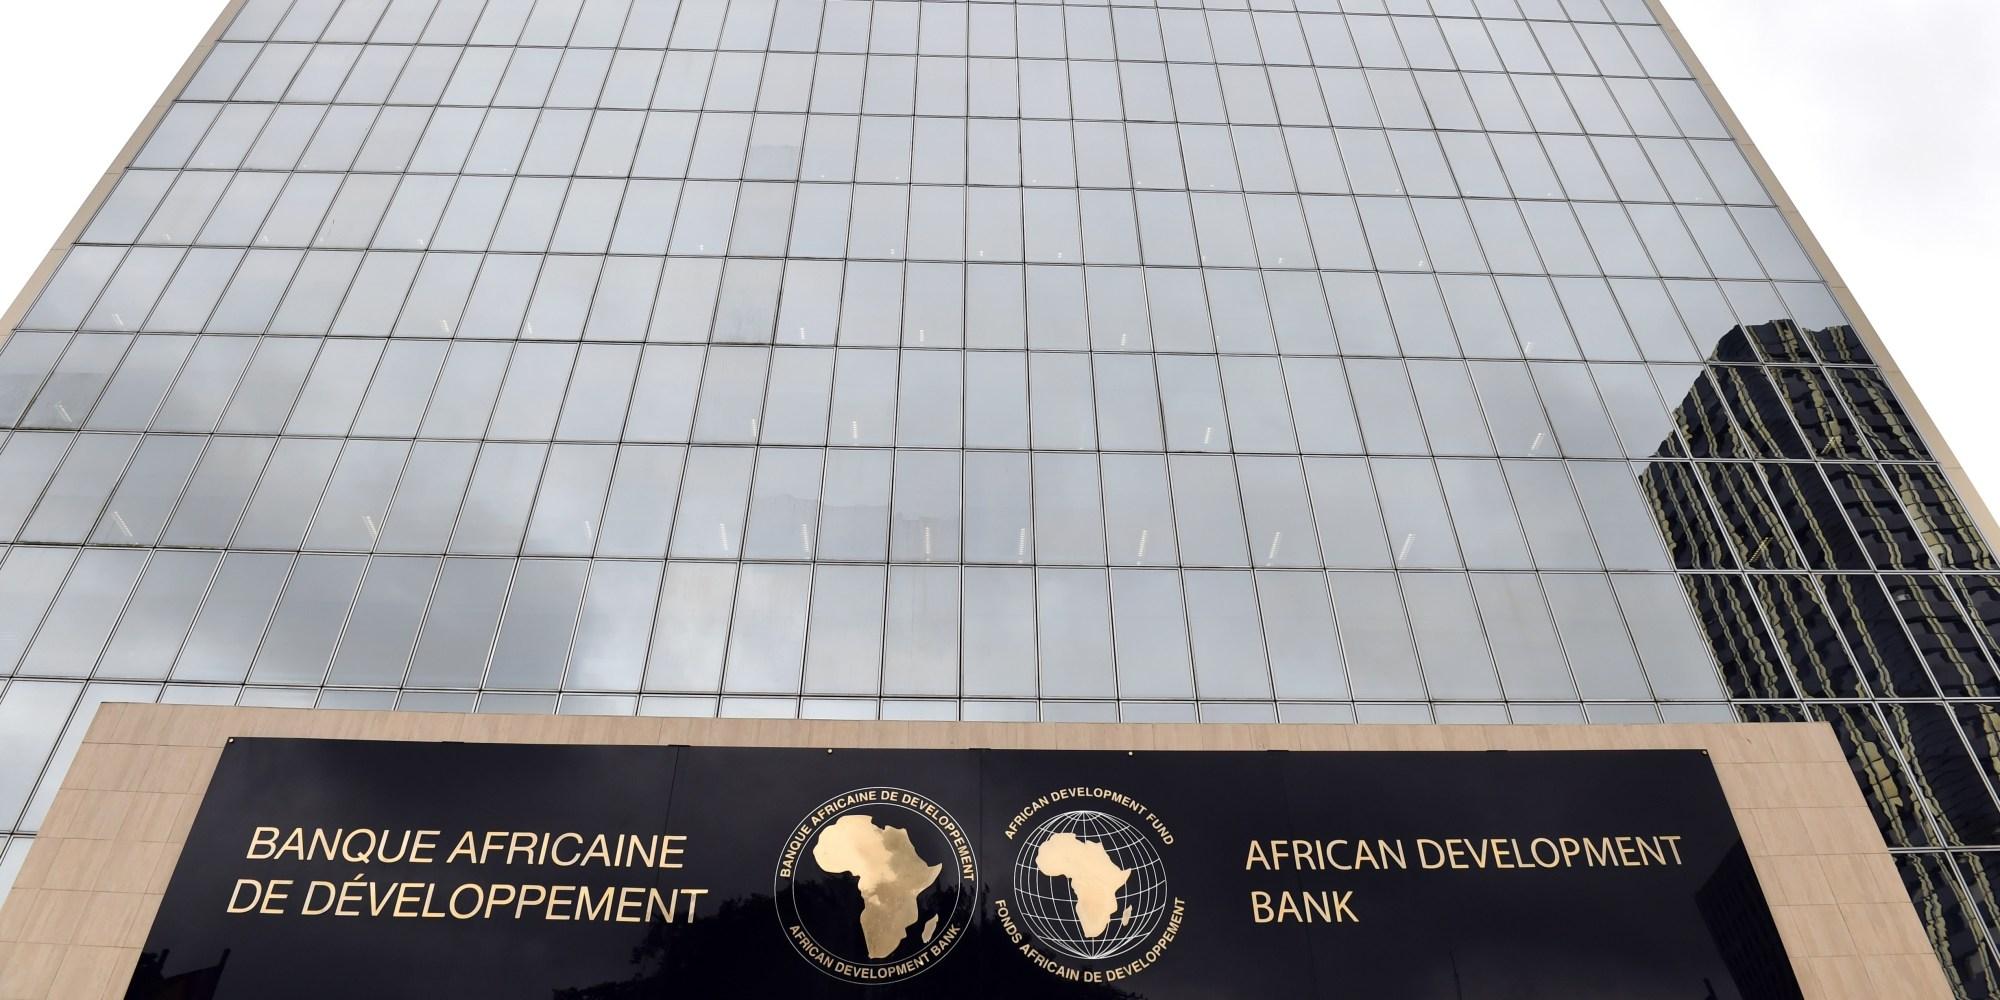 Le siège de la Banque africaine de développement. Illustration ©DR